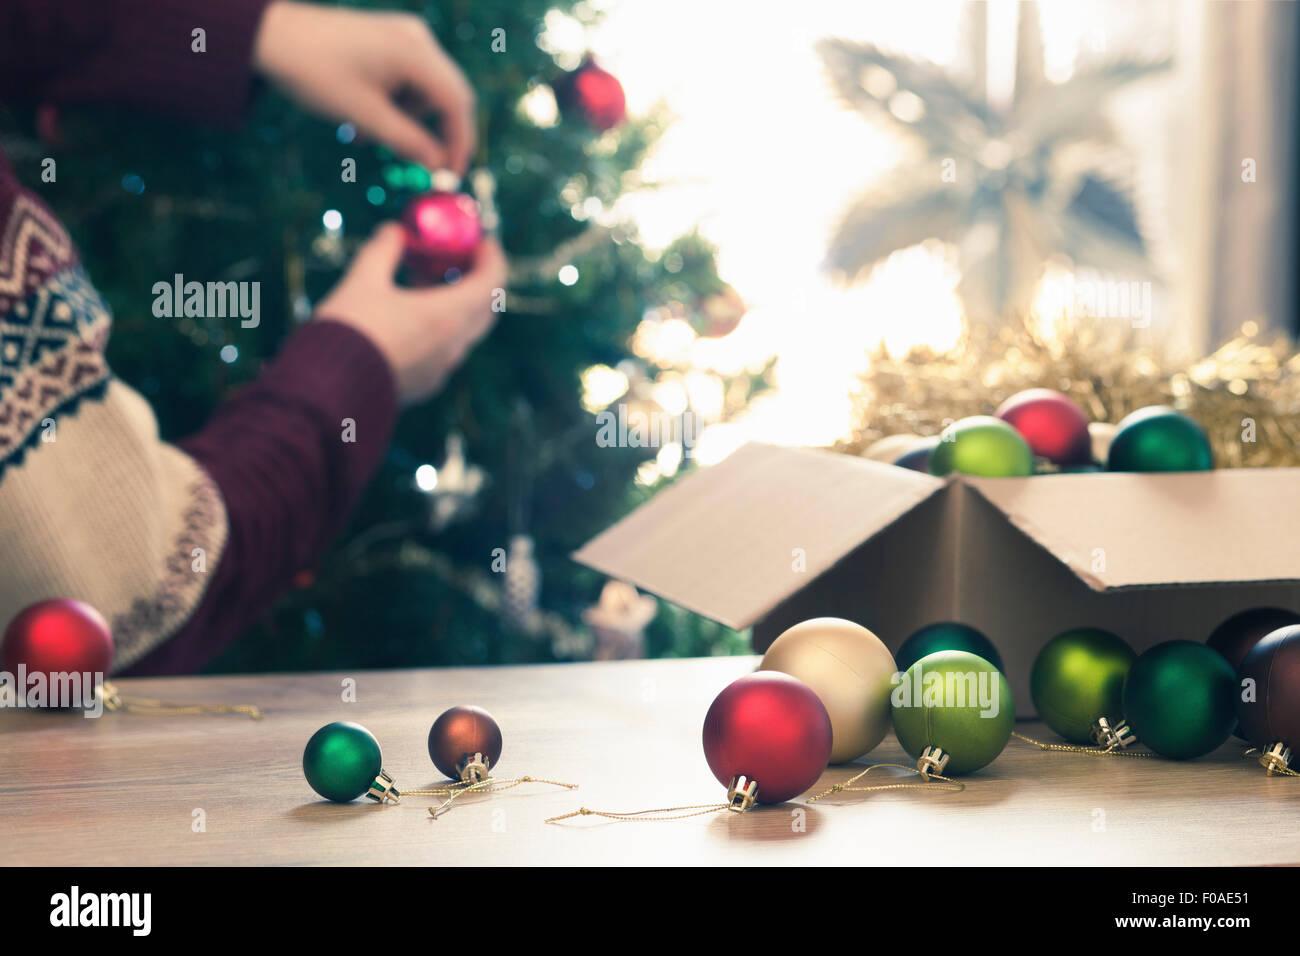 Persona decorar árbol de navidad Imagen De Stock